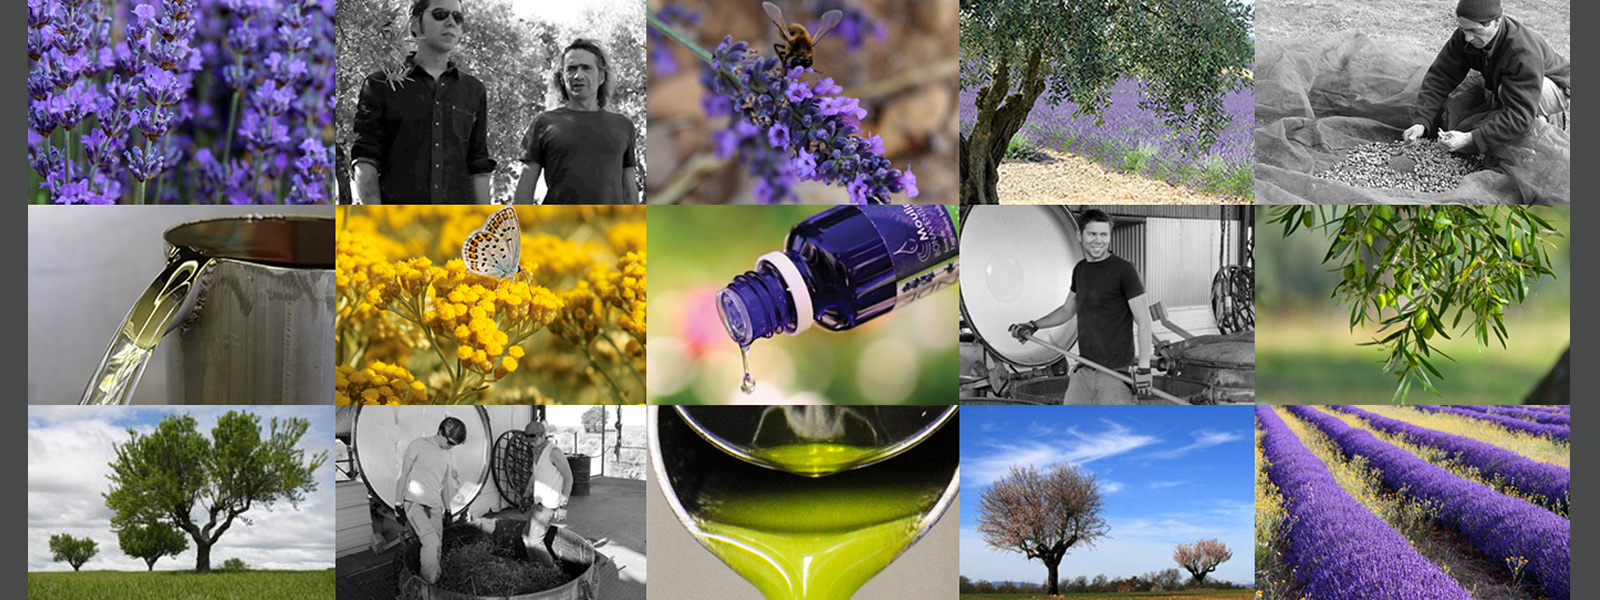 terre de bonaventure Valensole en Provence Huile d'olive - Huiles essentielles  - Amandes - Miel issue de l'agriculture biologique